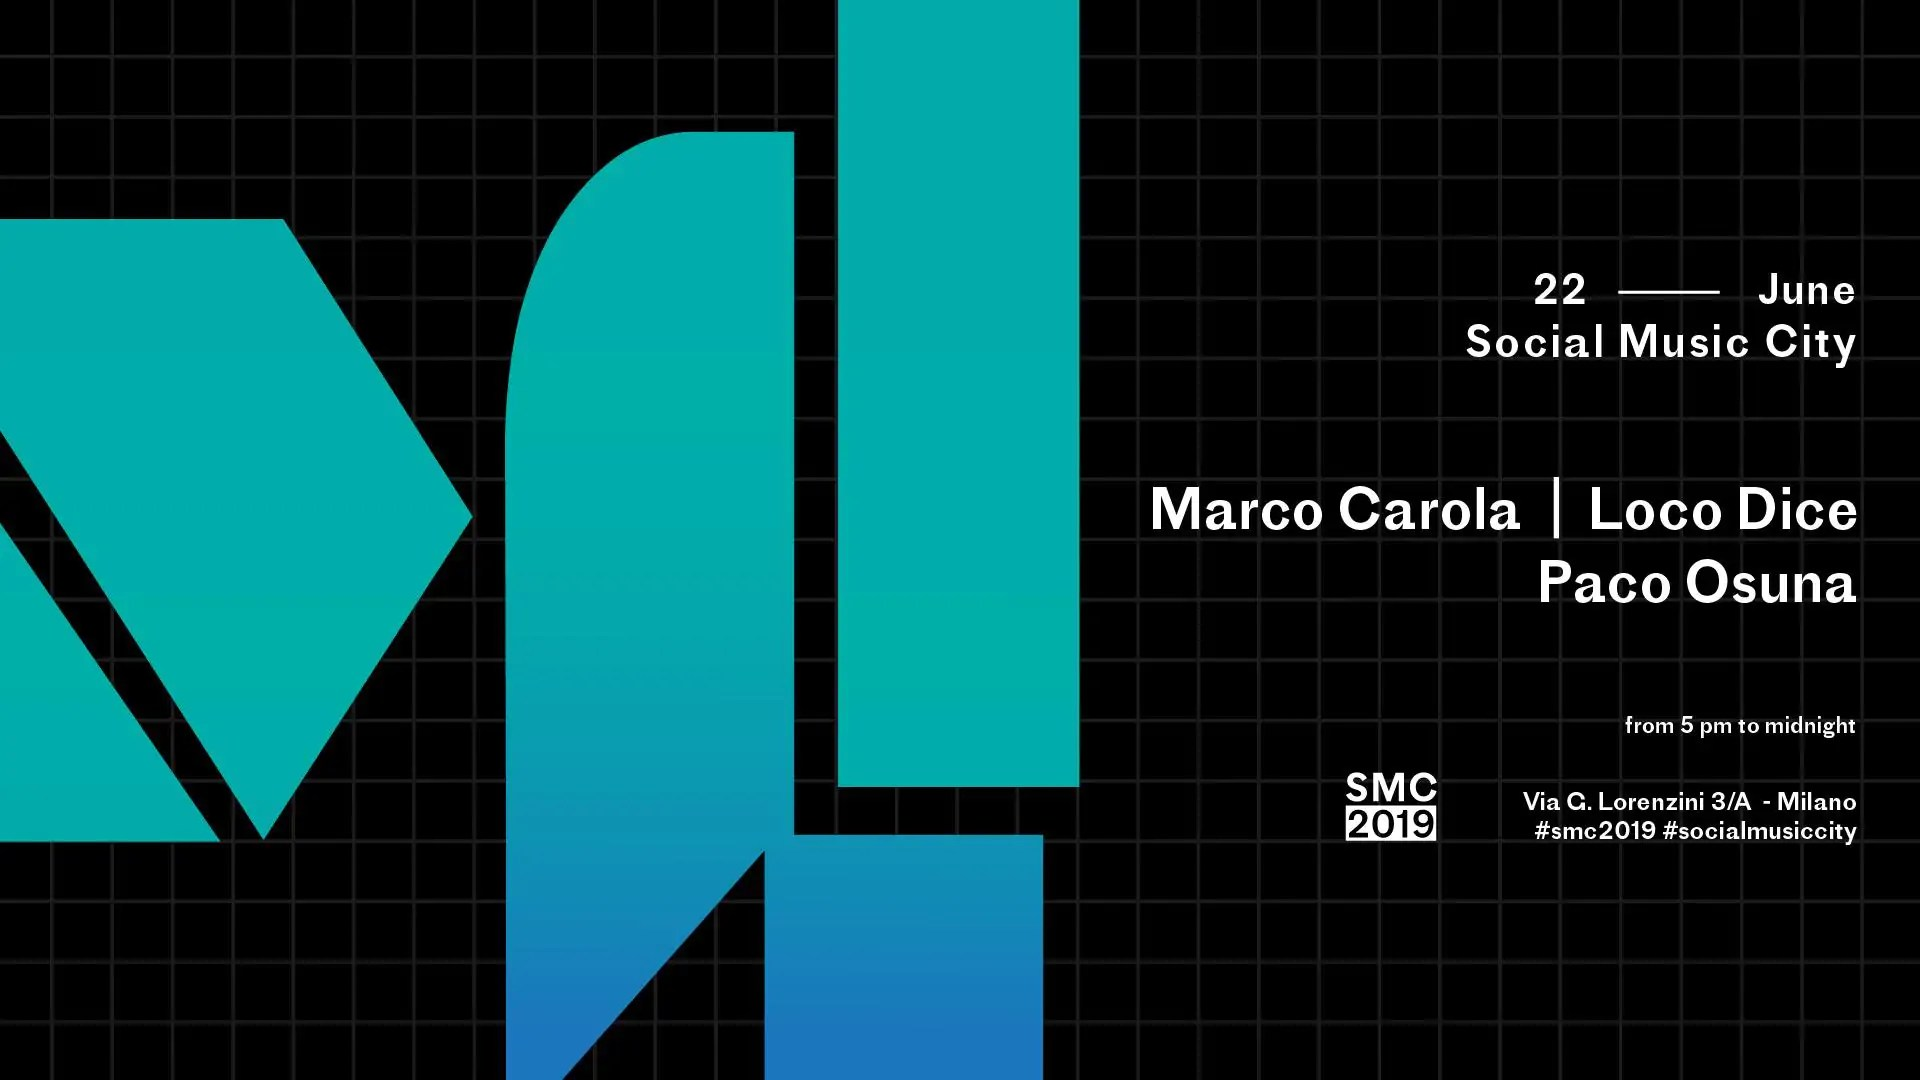 Marco Carola Loco Dice Social Music City 22 Giugno 2019 Ticket Pacchetti